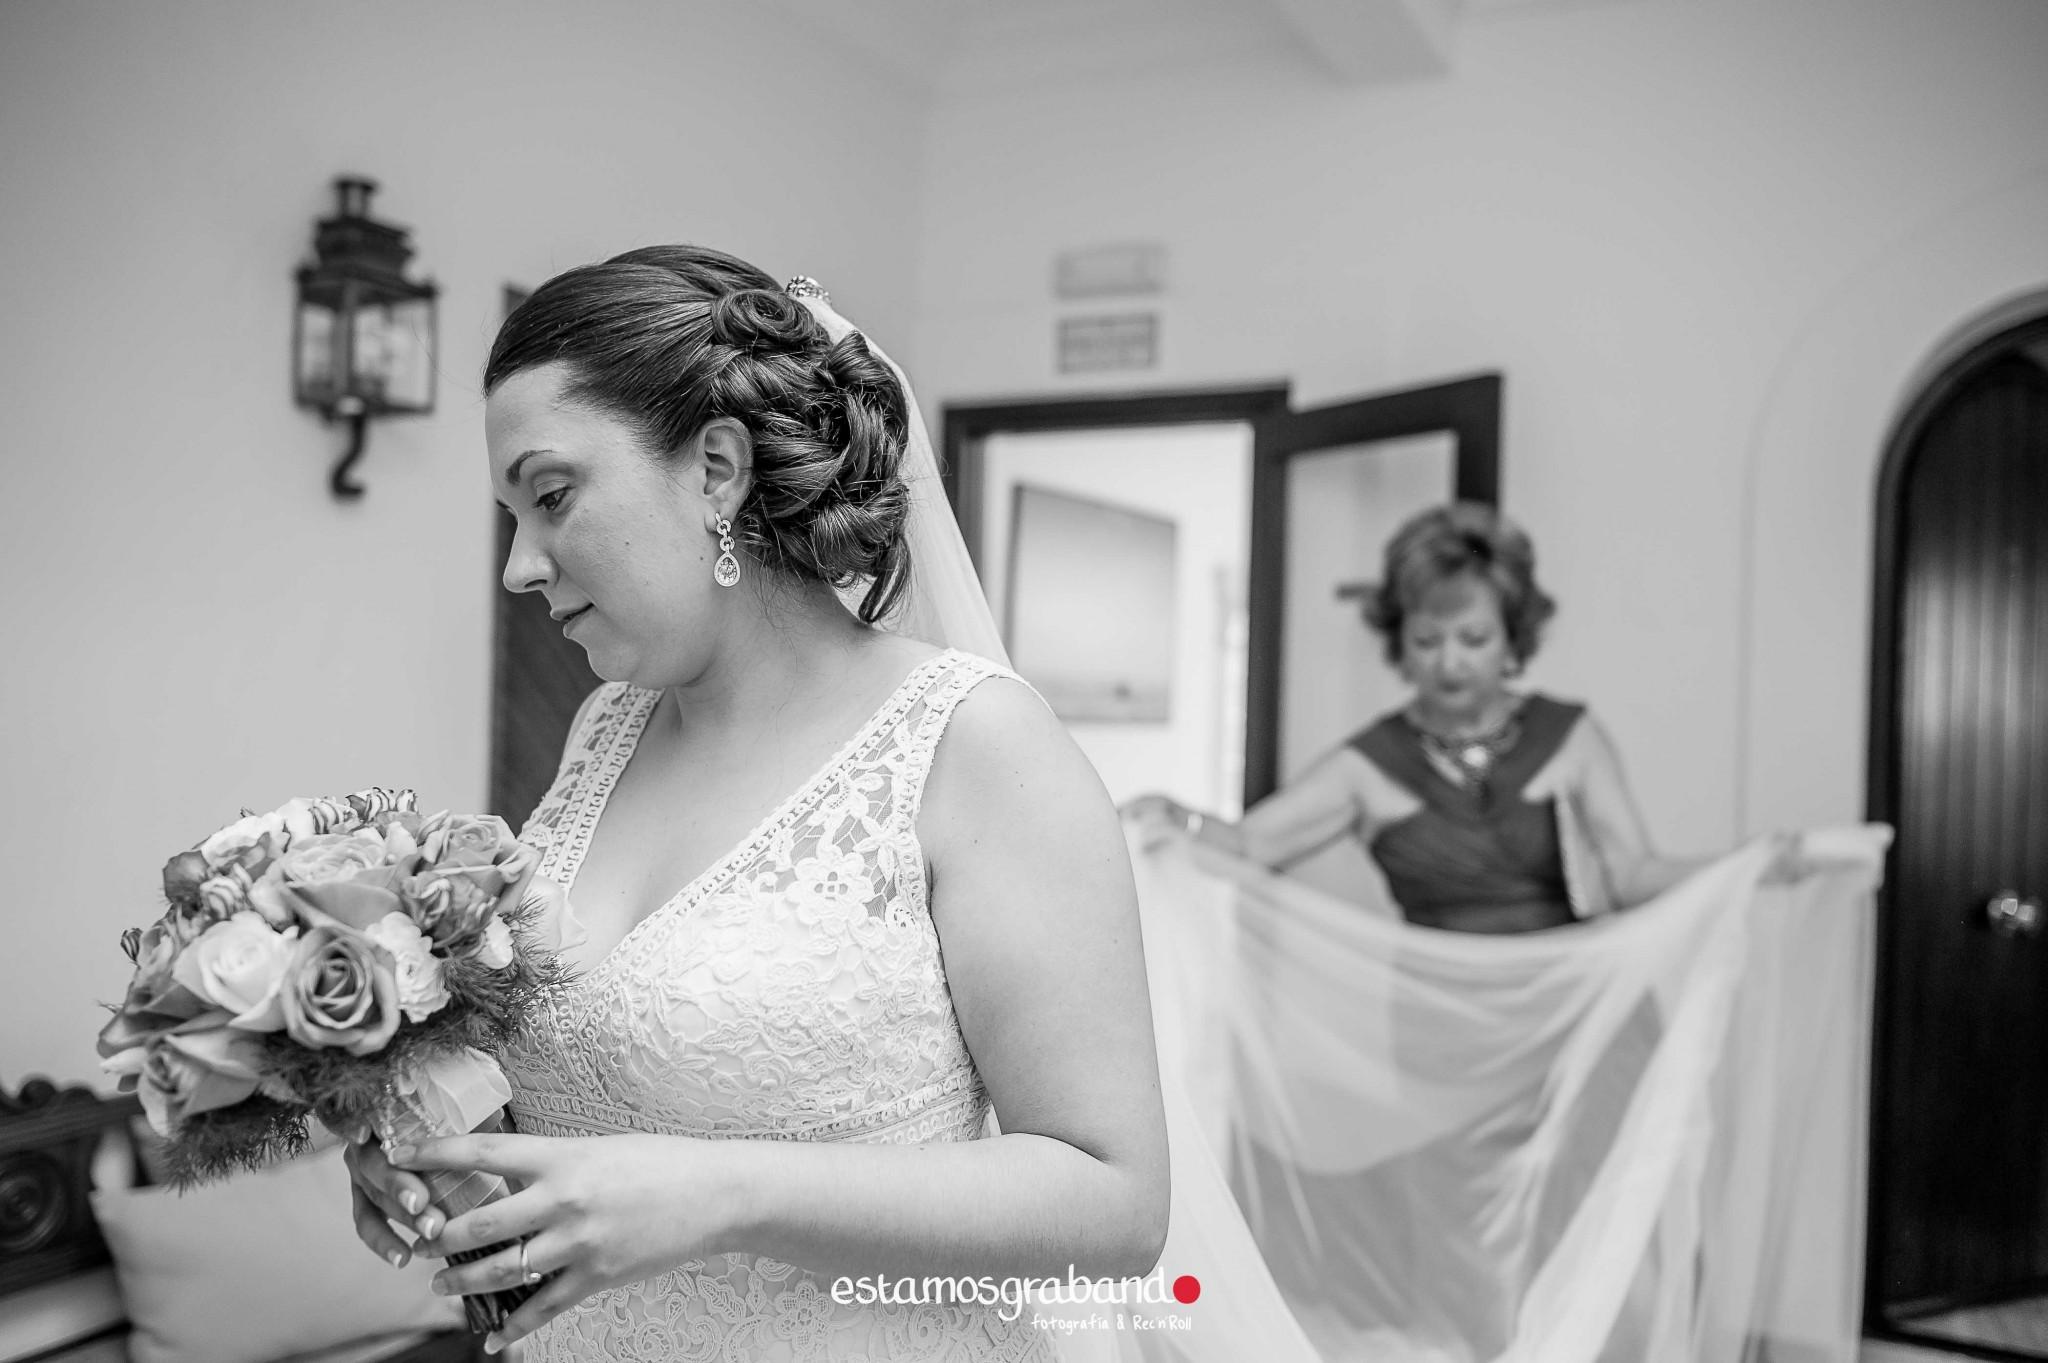 boda-en-chiclana_sonia-y-diego_fotograficc81a-de-boda-29 Zahara Sonia + Diego [Fotografía de Boda en Zahara] - video boda cadiz